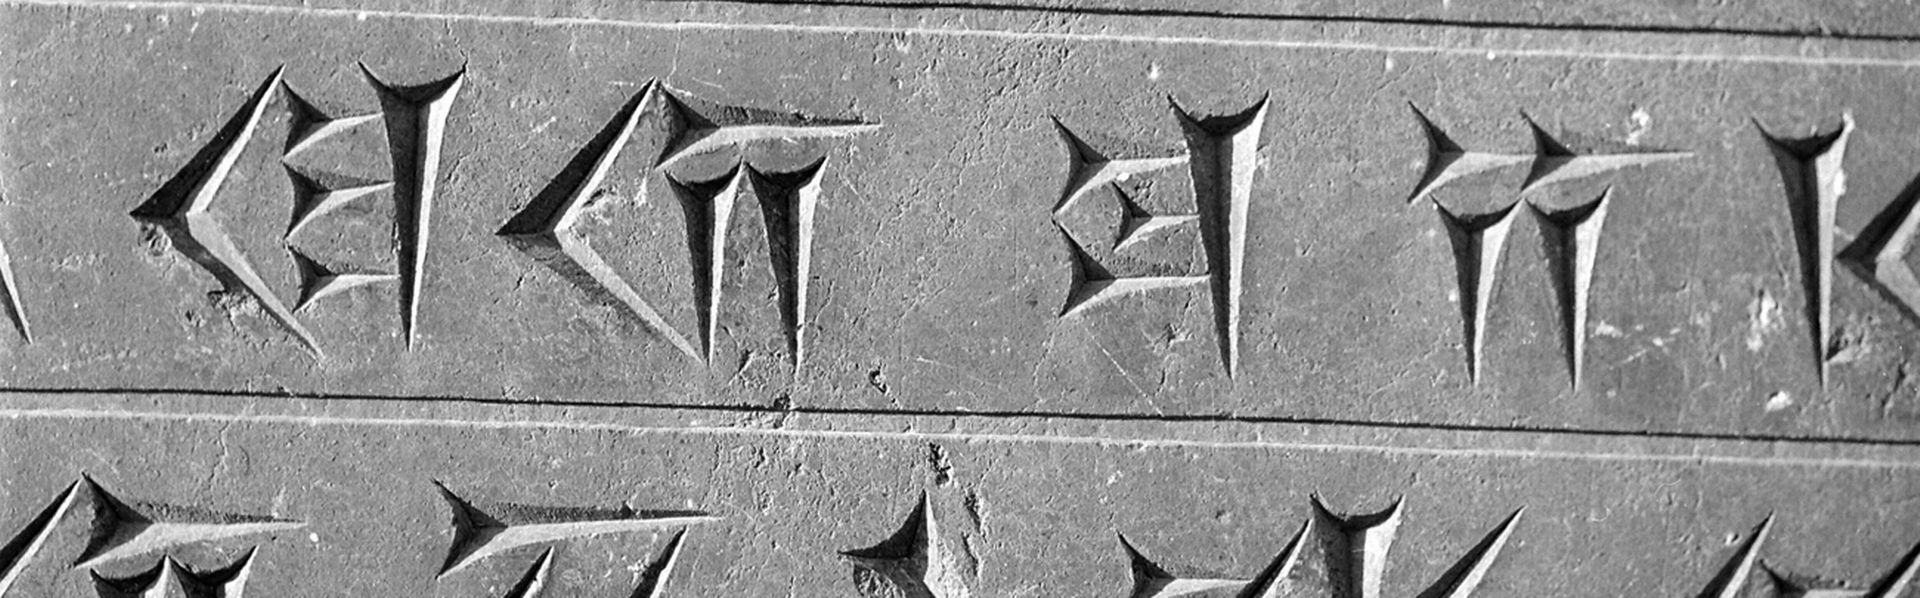 L'écriture cunéiforme est issue du plus ancien système d'écriture connu, mis au point en basse Mésopotamie entre 3400 et 3200 avant J.-C.  [Roger-Viollet - AFP]